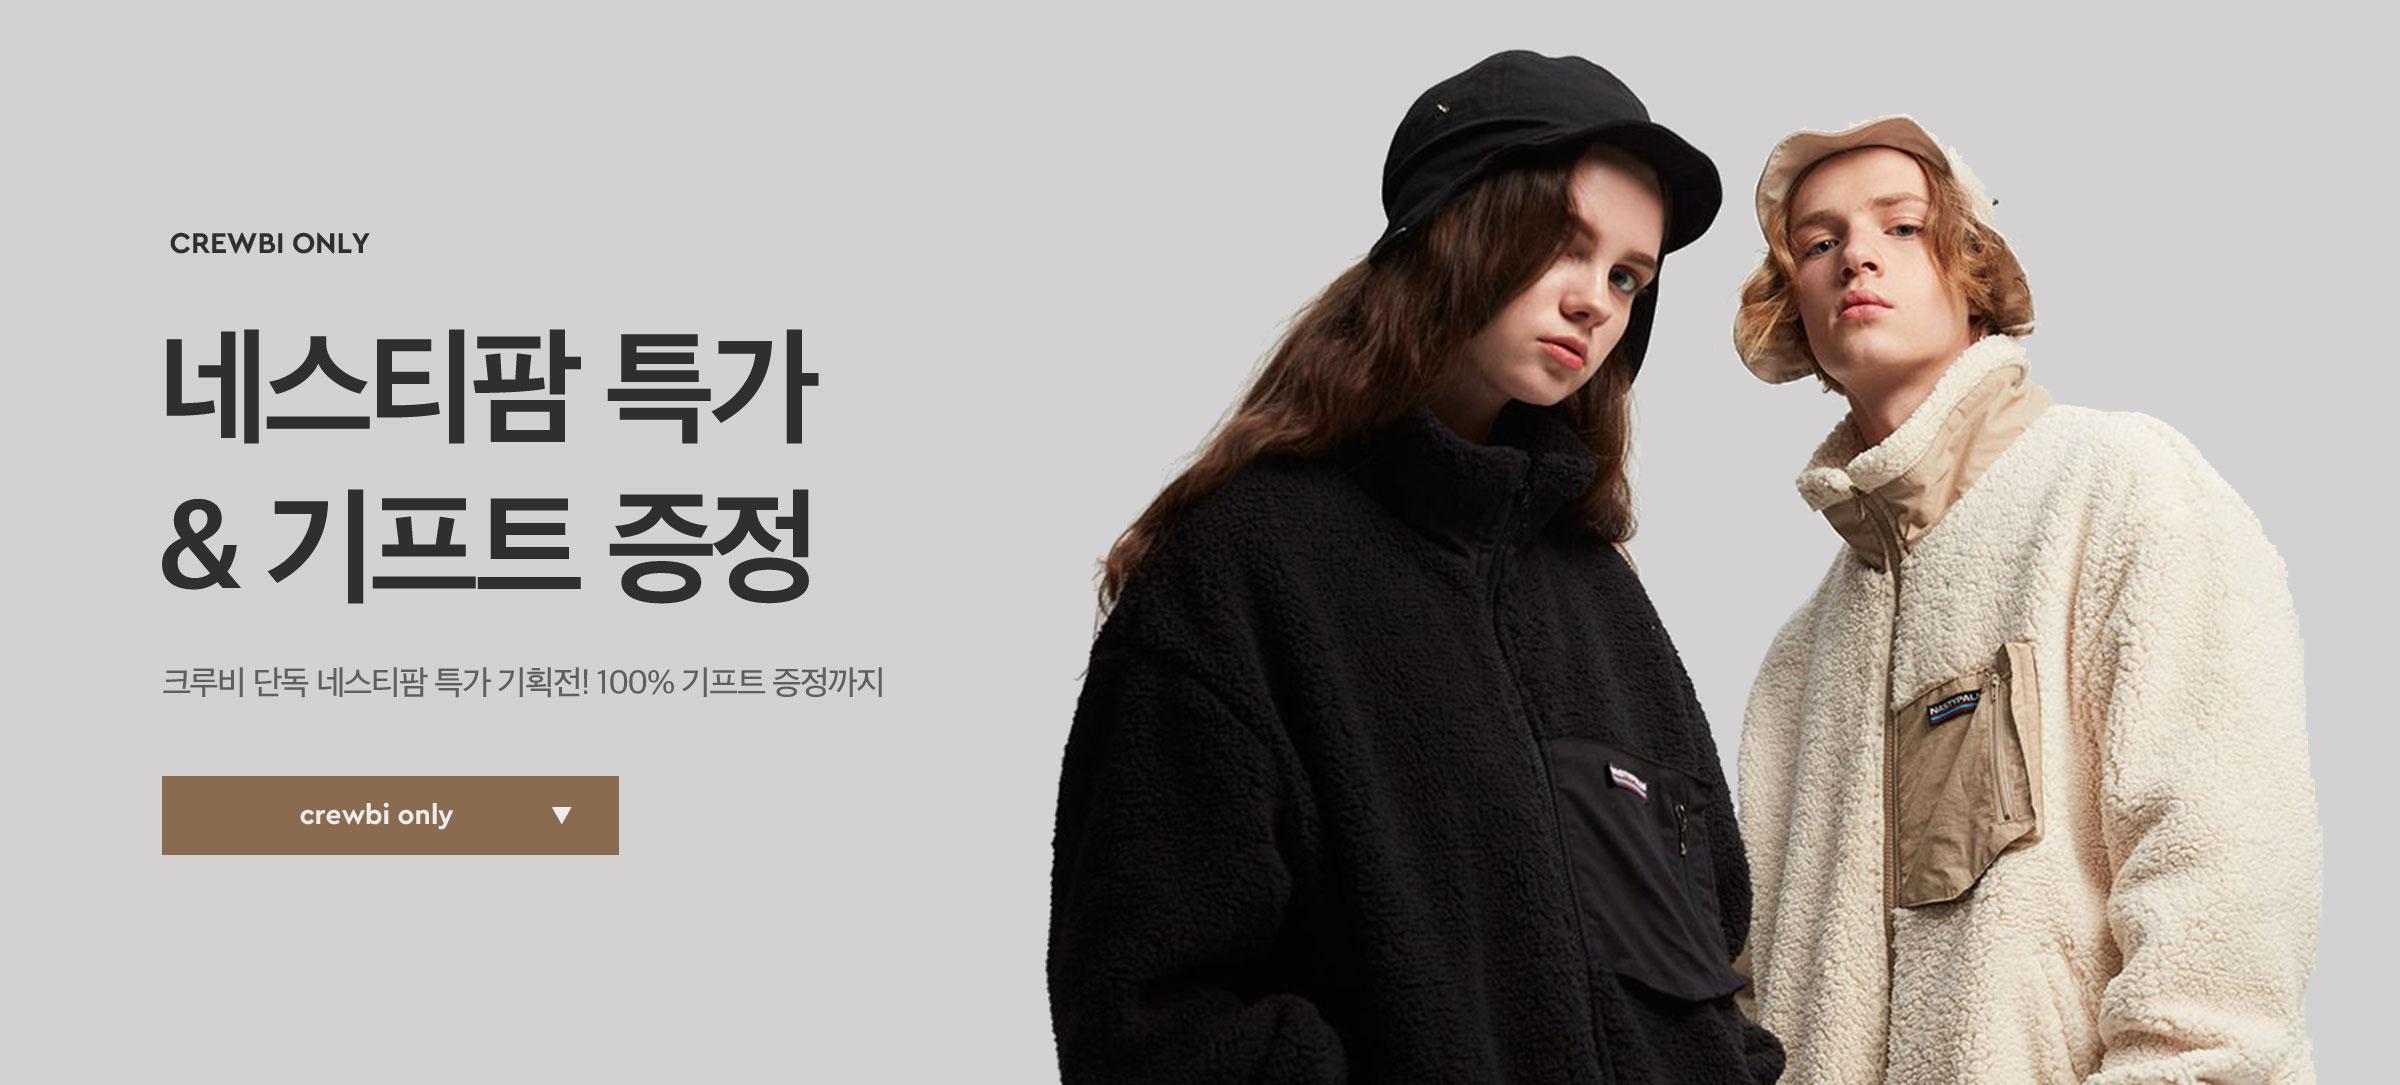 네스티팜 크루비 단독 최저가!